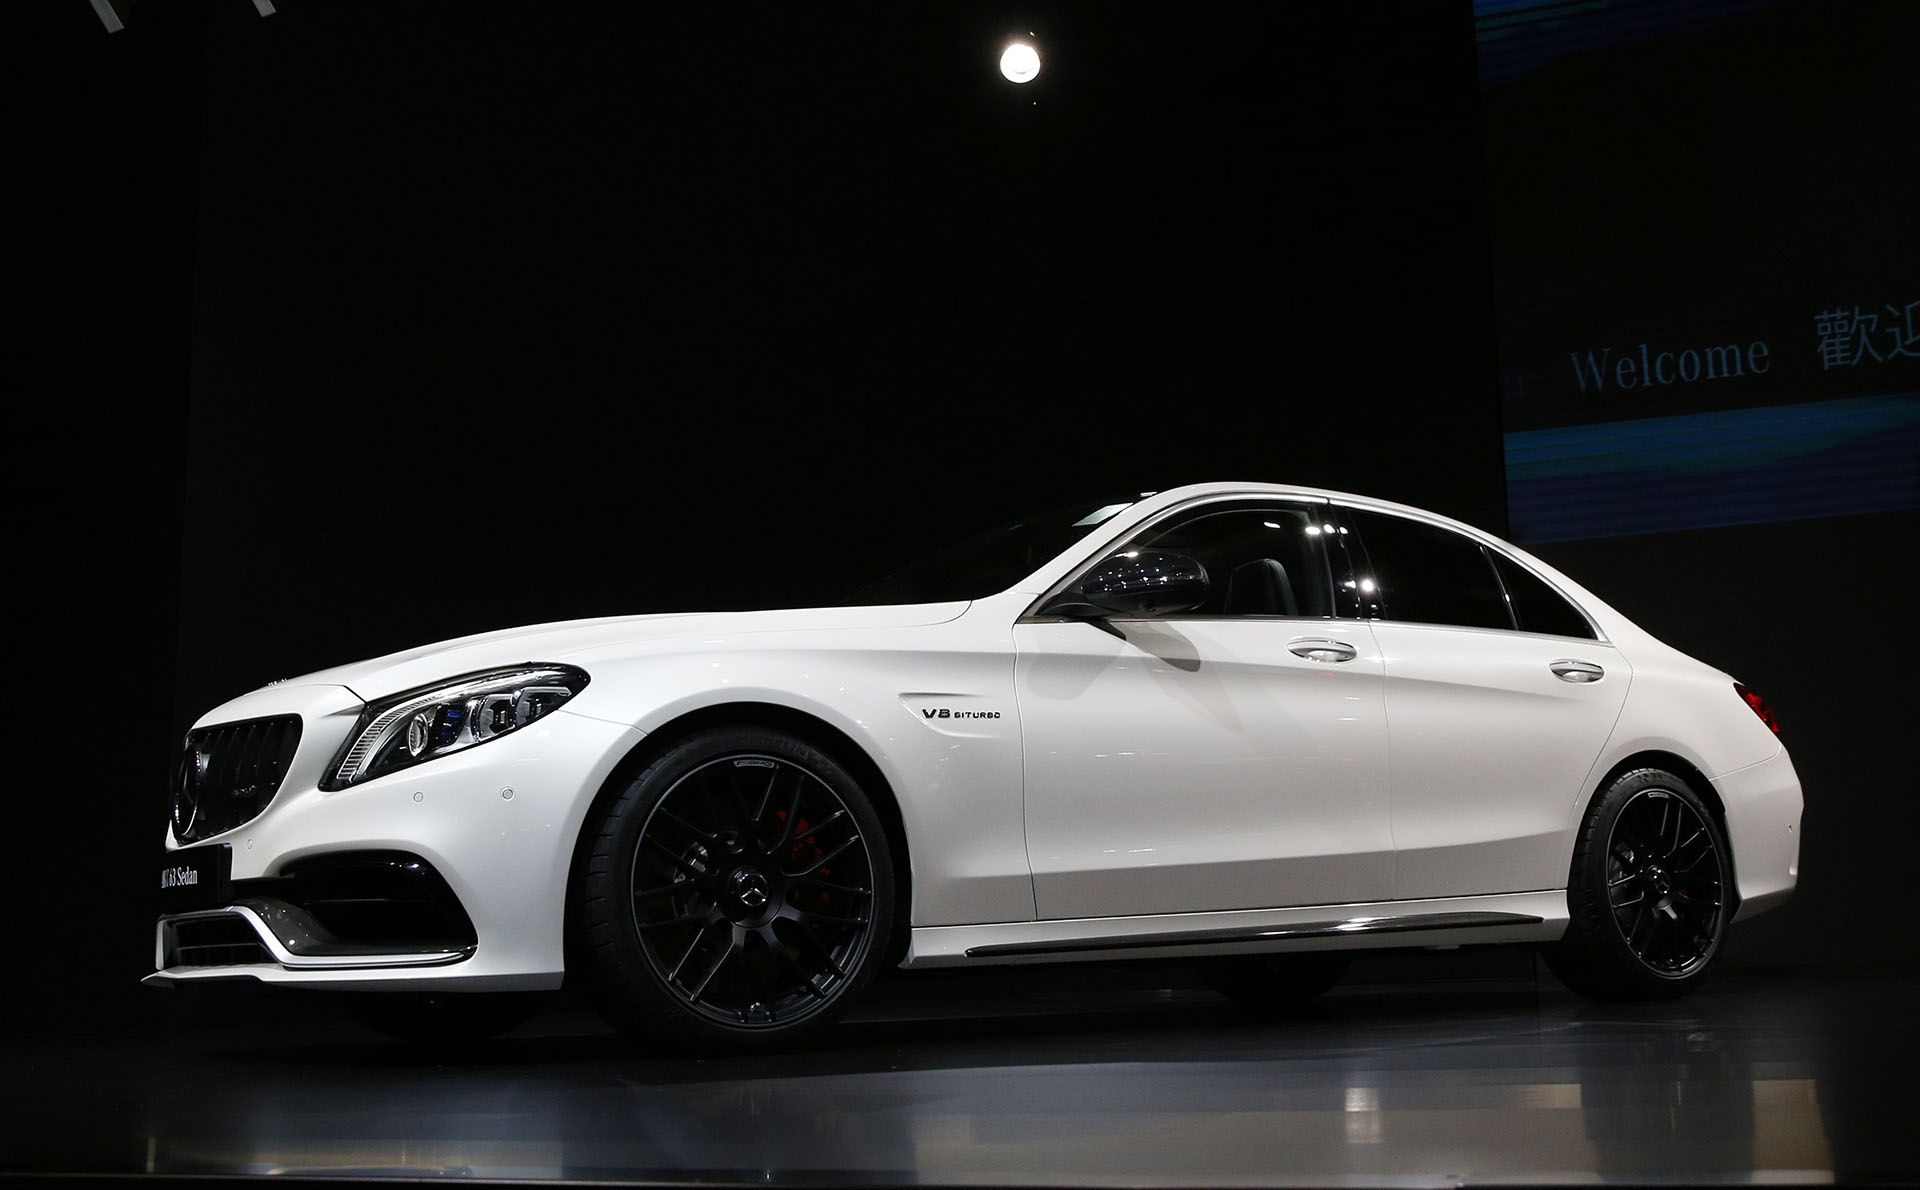 Mercedes-Benz dio a conocer en el Salón Internacional de Nueva York el modelo base C300 y las versiones de rango medio del Mercedes-AMG C43, en variable coupé como cabriolet. El más deportivo del catálogo del Clase C presume de una nueva transmisión, equipamiento moderno y nuevos matices estéticos en su exterior e interior